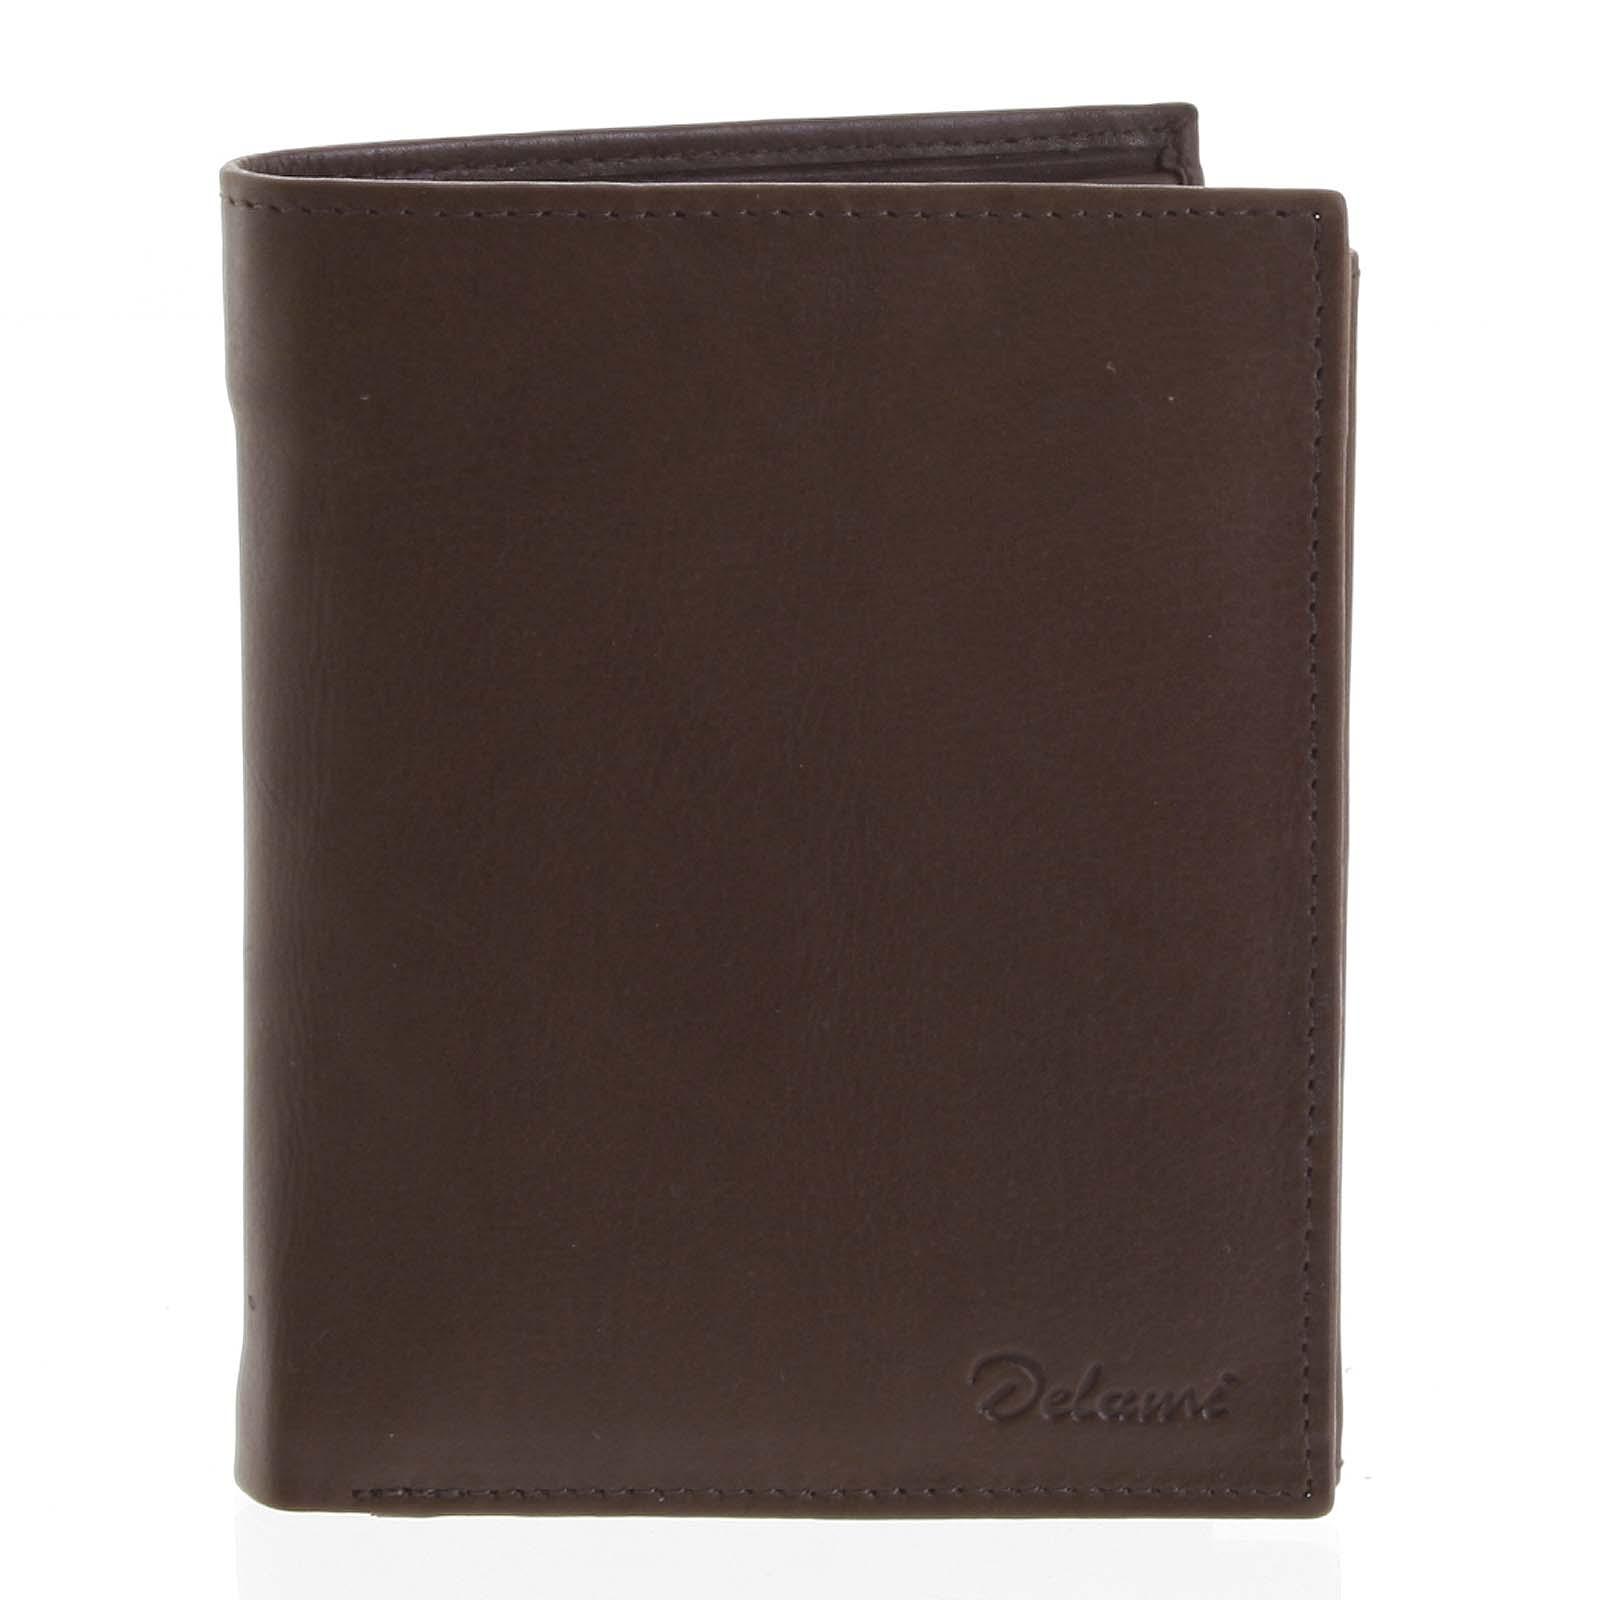 Pánská kožená hnědá peněženka - Delami 8229